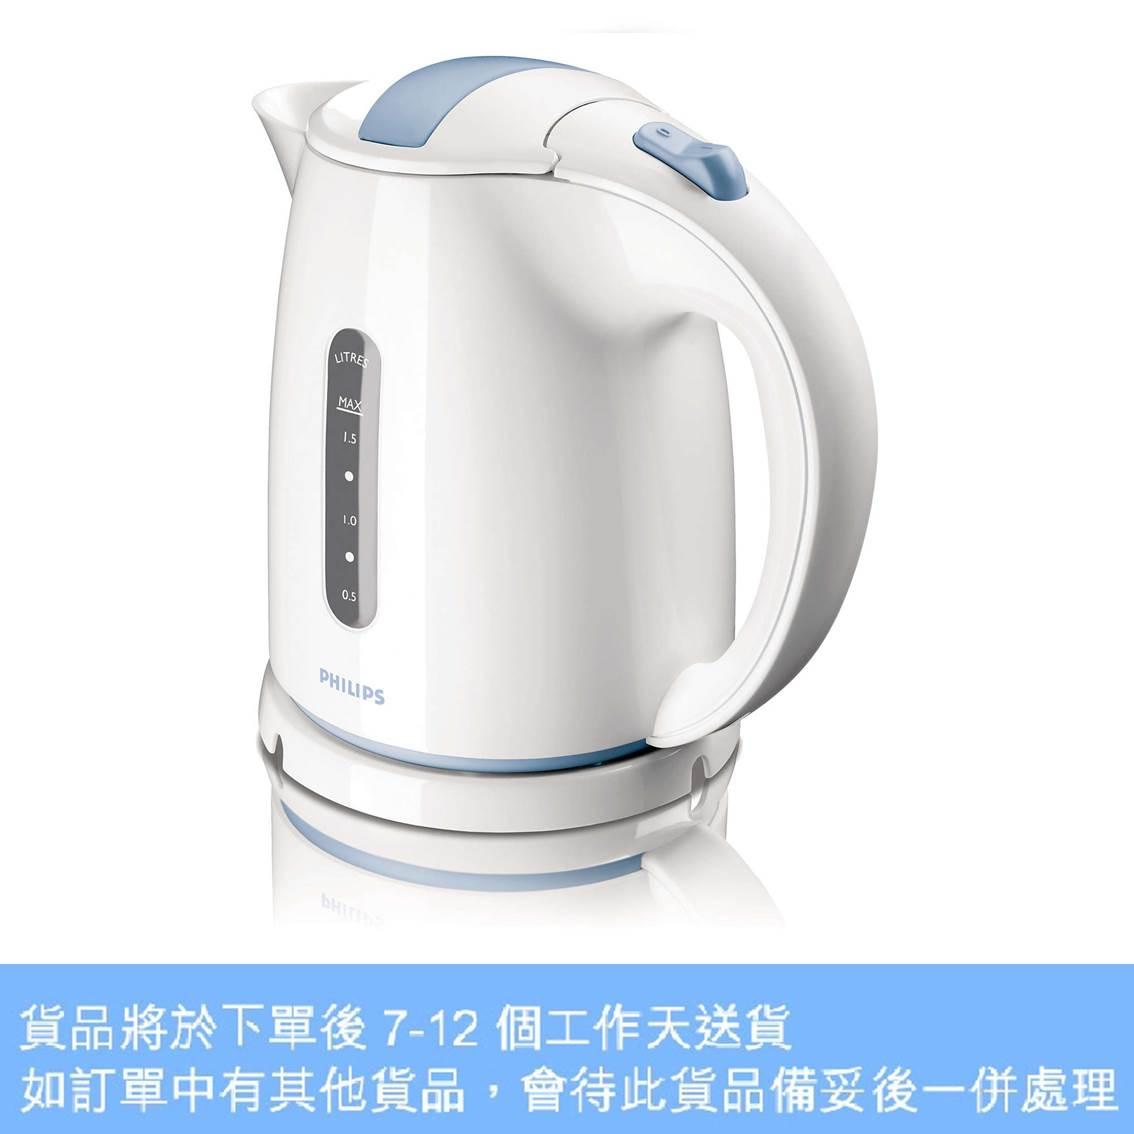 飛利浦1.5L電熱水煲